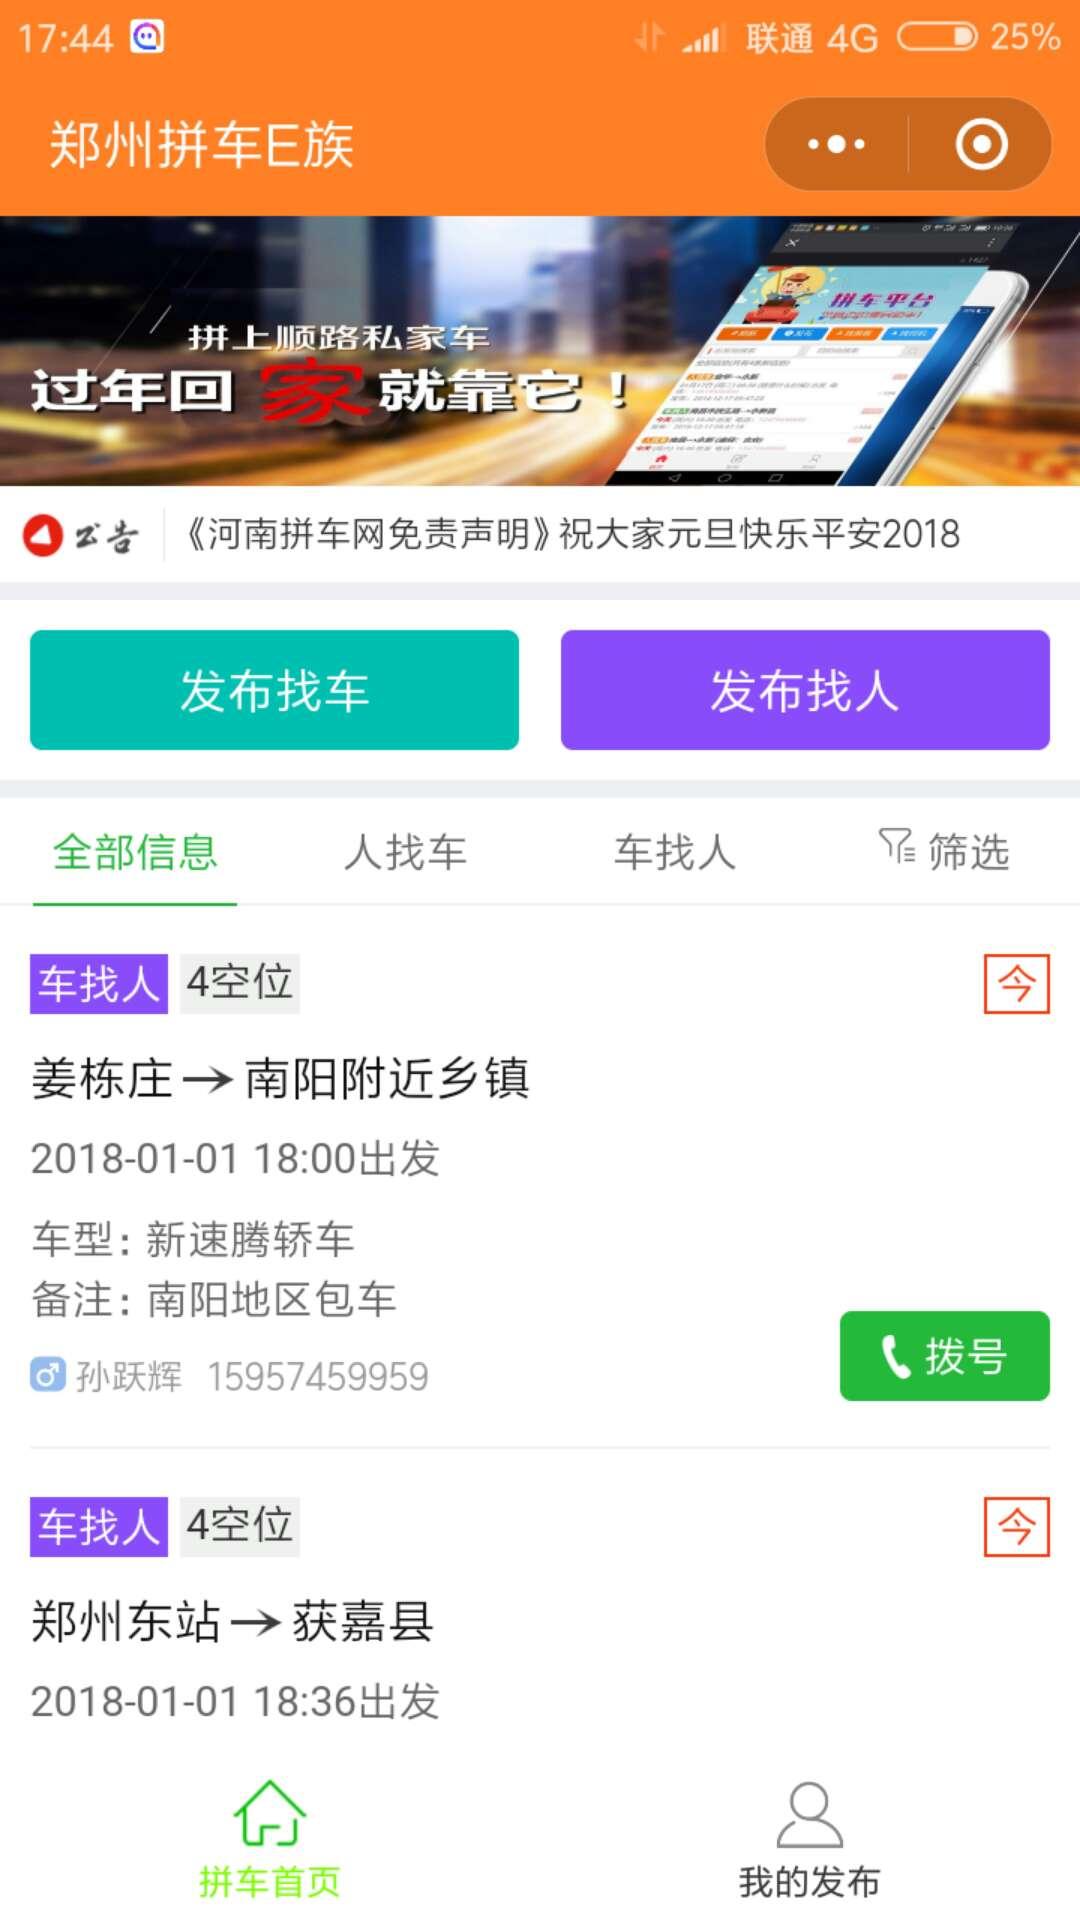 郑州拼车E族小程序